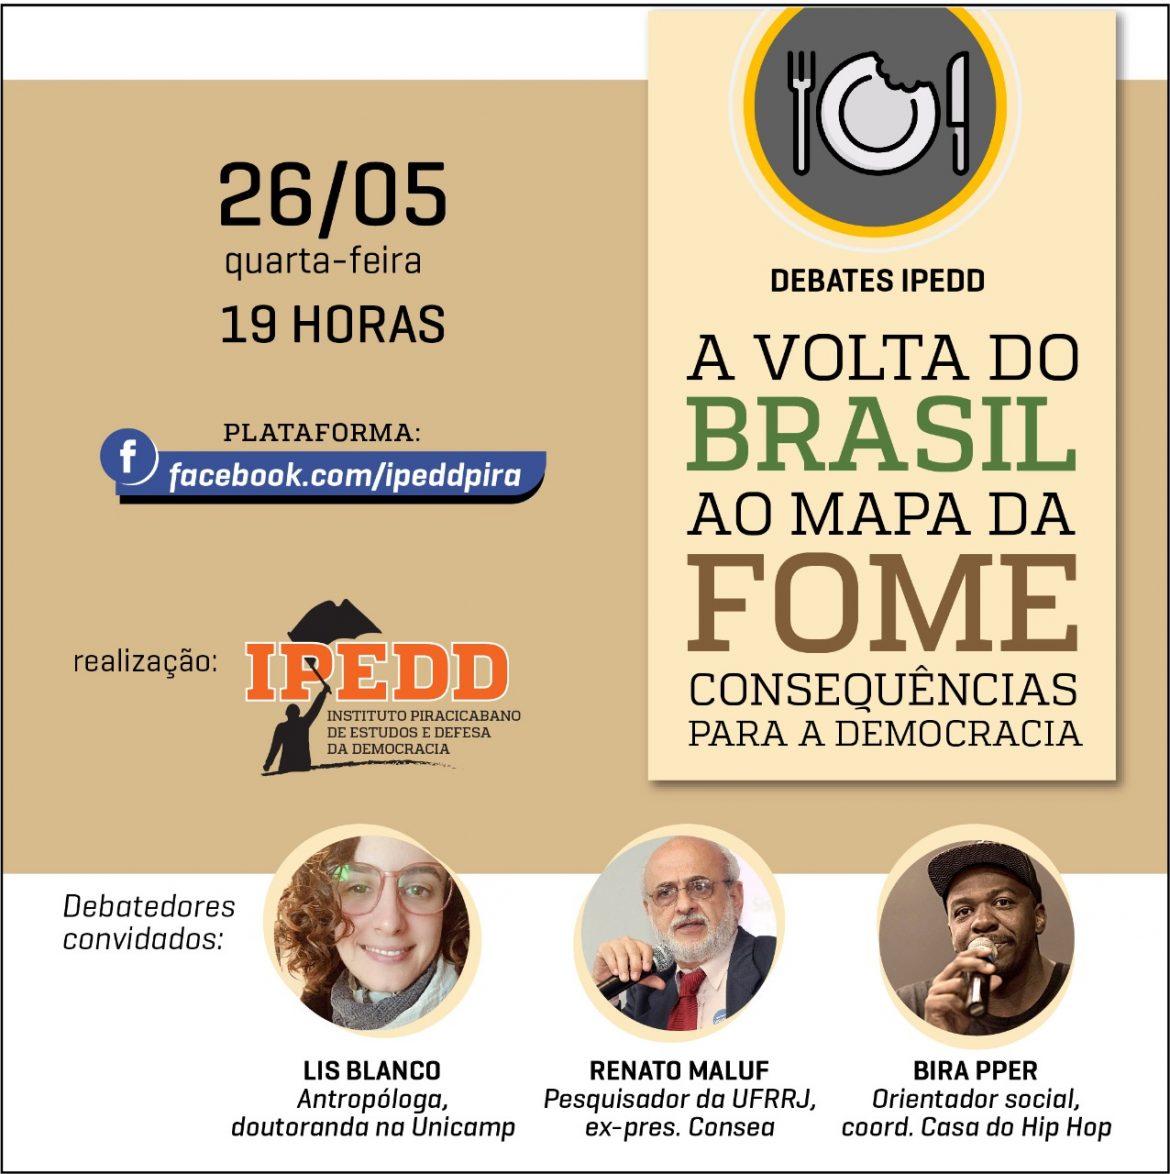 Ipedd promove debate sobre fome e democracia no Brasil